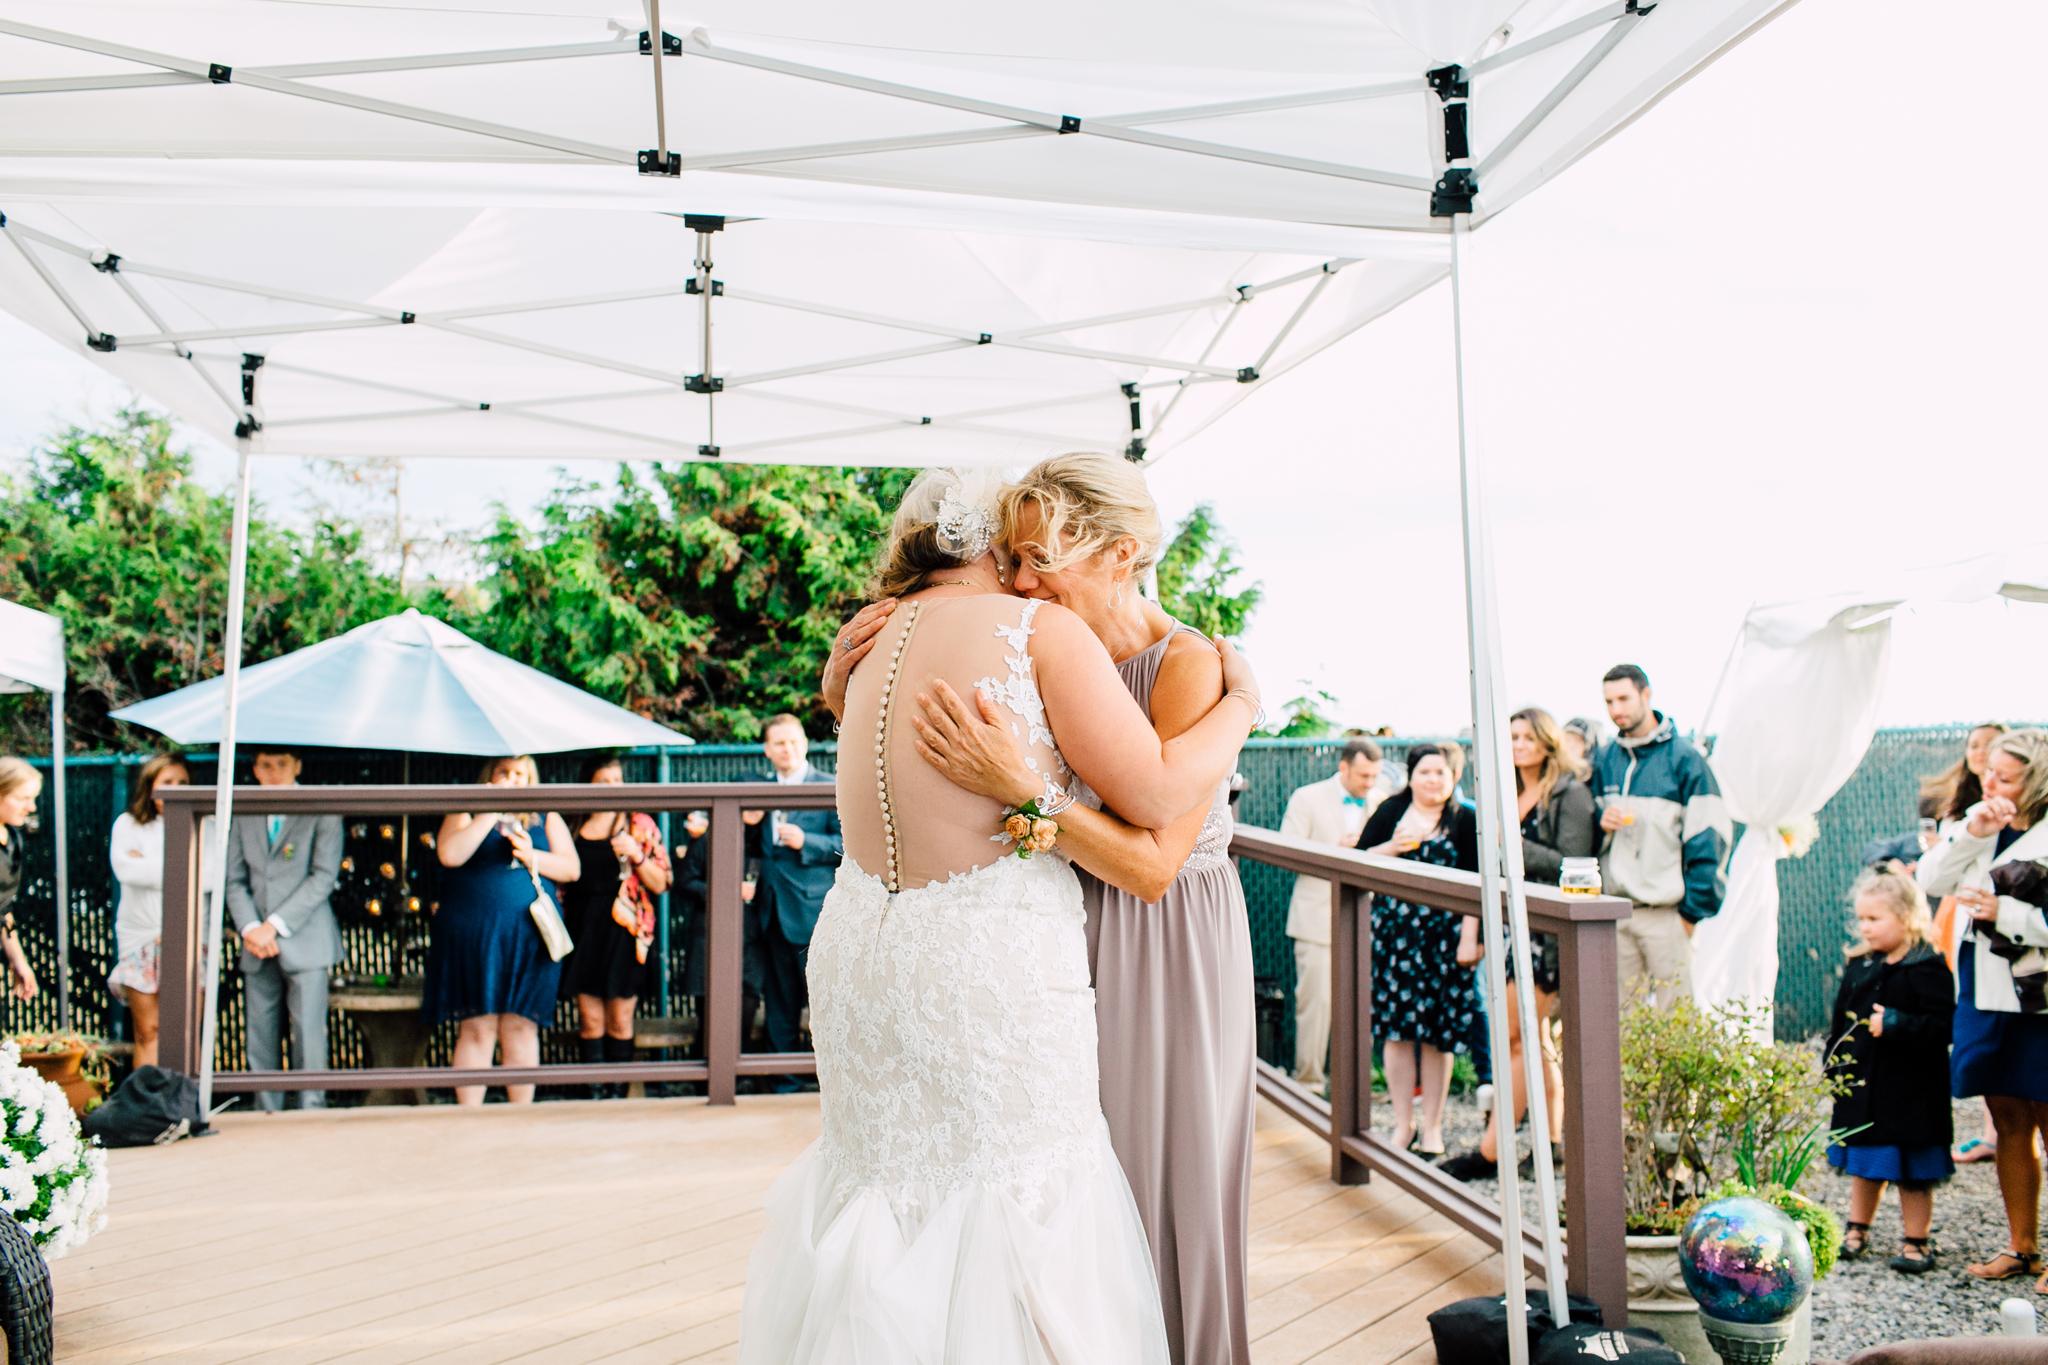 089-bellingham-wedding-photographer-beach-katheryn-moran-elisa-phillip.jpg